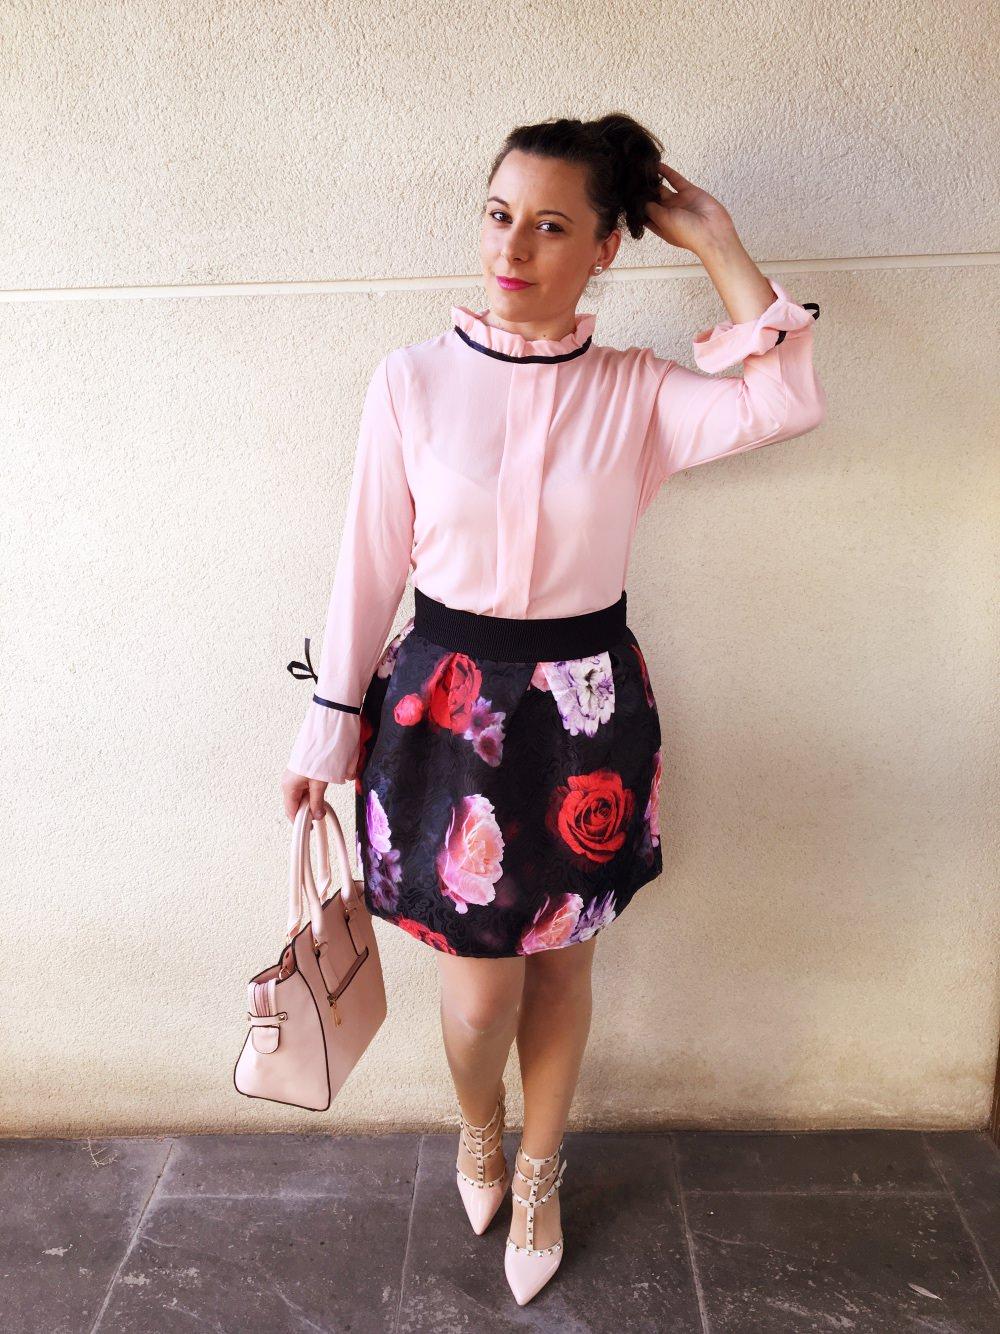 look_floresylazos_streetstyle_fashionblogger_mivestidoazul-com_influencer_blogdemoda_castellon_valencia_friendsfluencers6